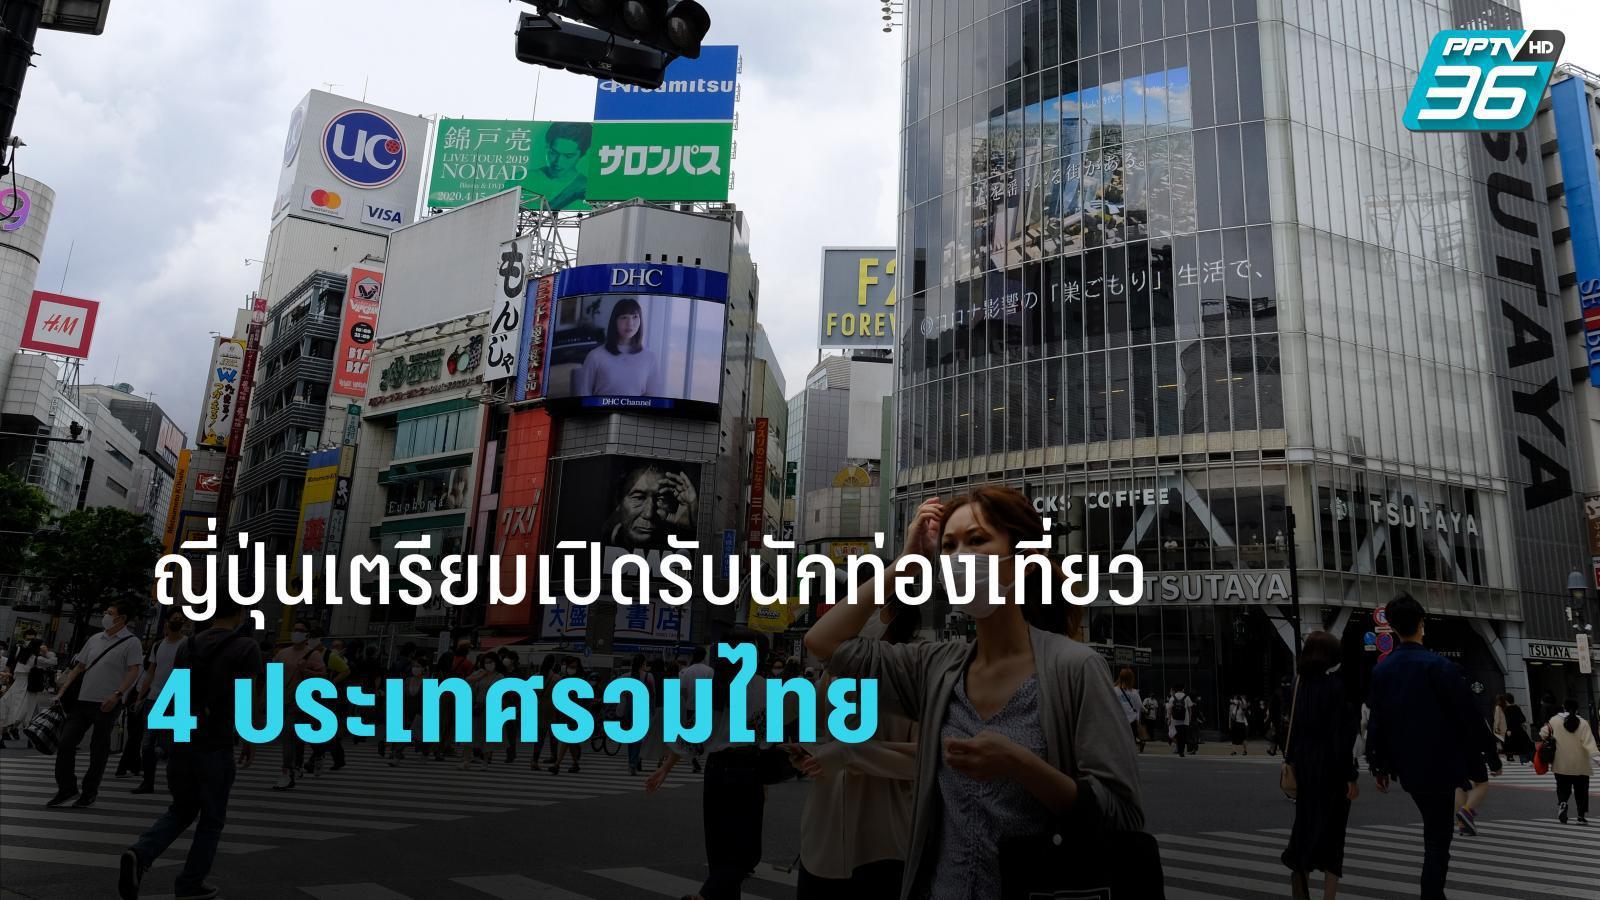 ญี่ปุ่นเตรียมผ่อนปรน ไทย เวียดนาม ออสเตรเลีย และนิวซีแลนด์  เข้าประเทศ